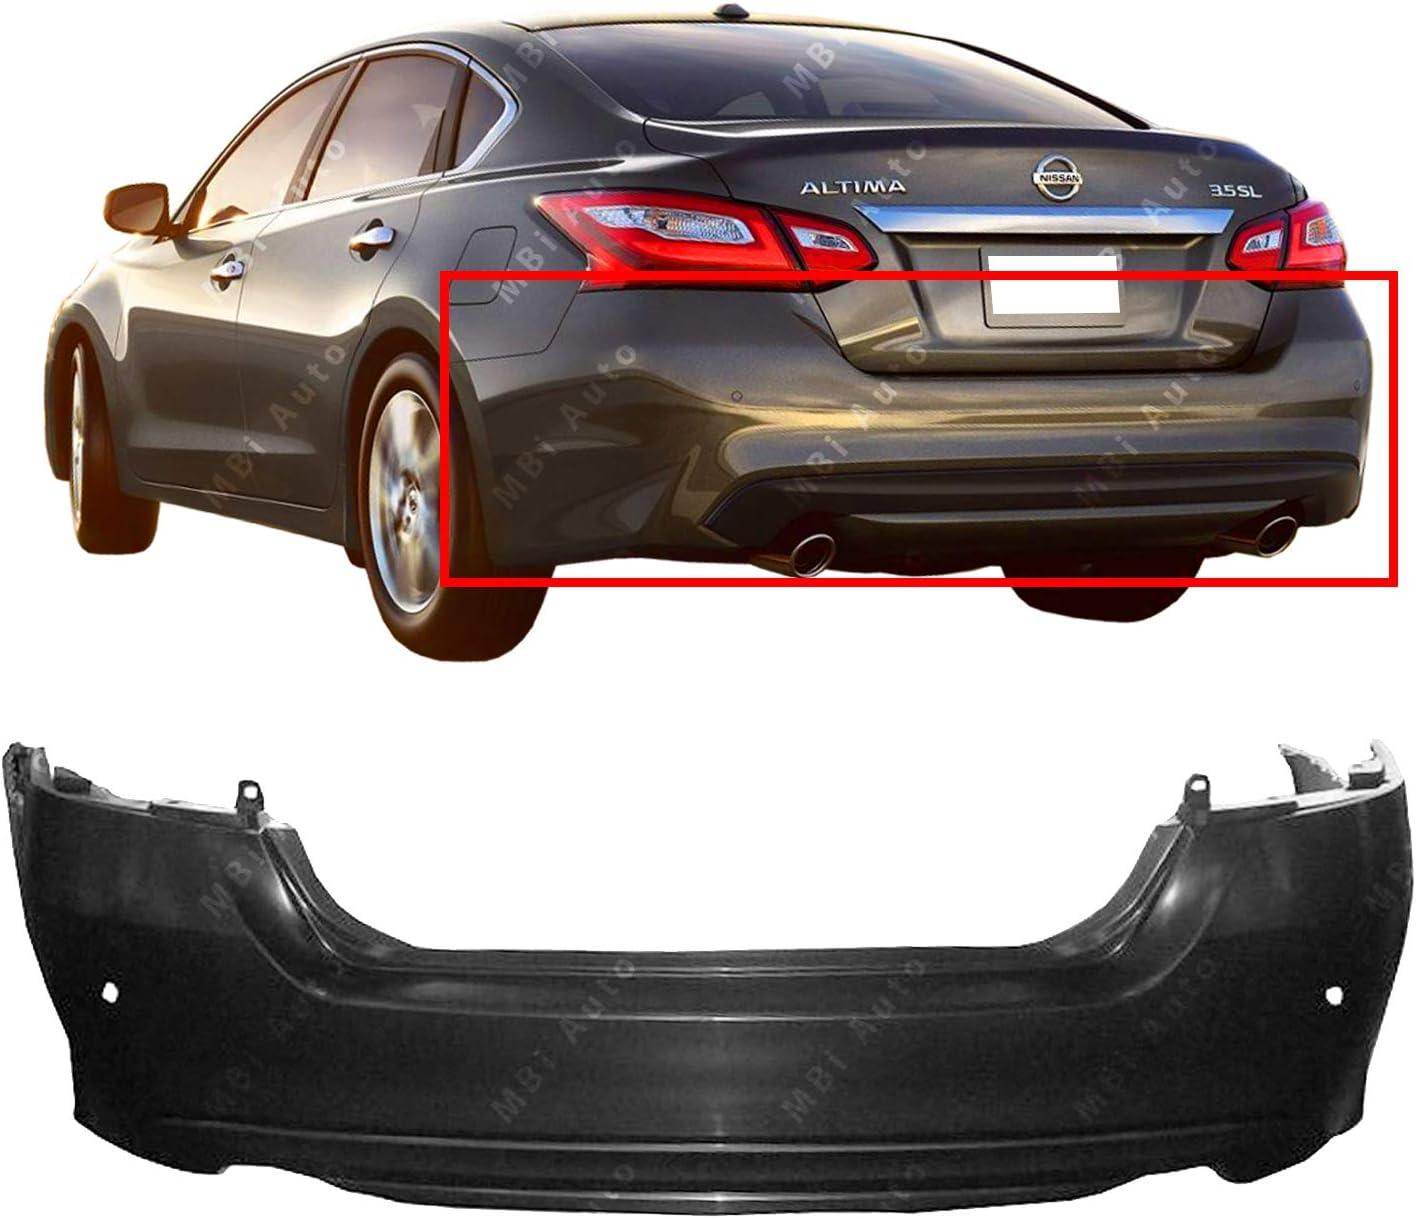 Nanda nb2041 nrx-10 carbon front bumper